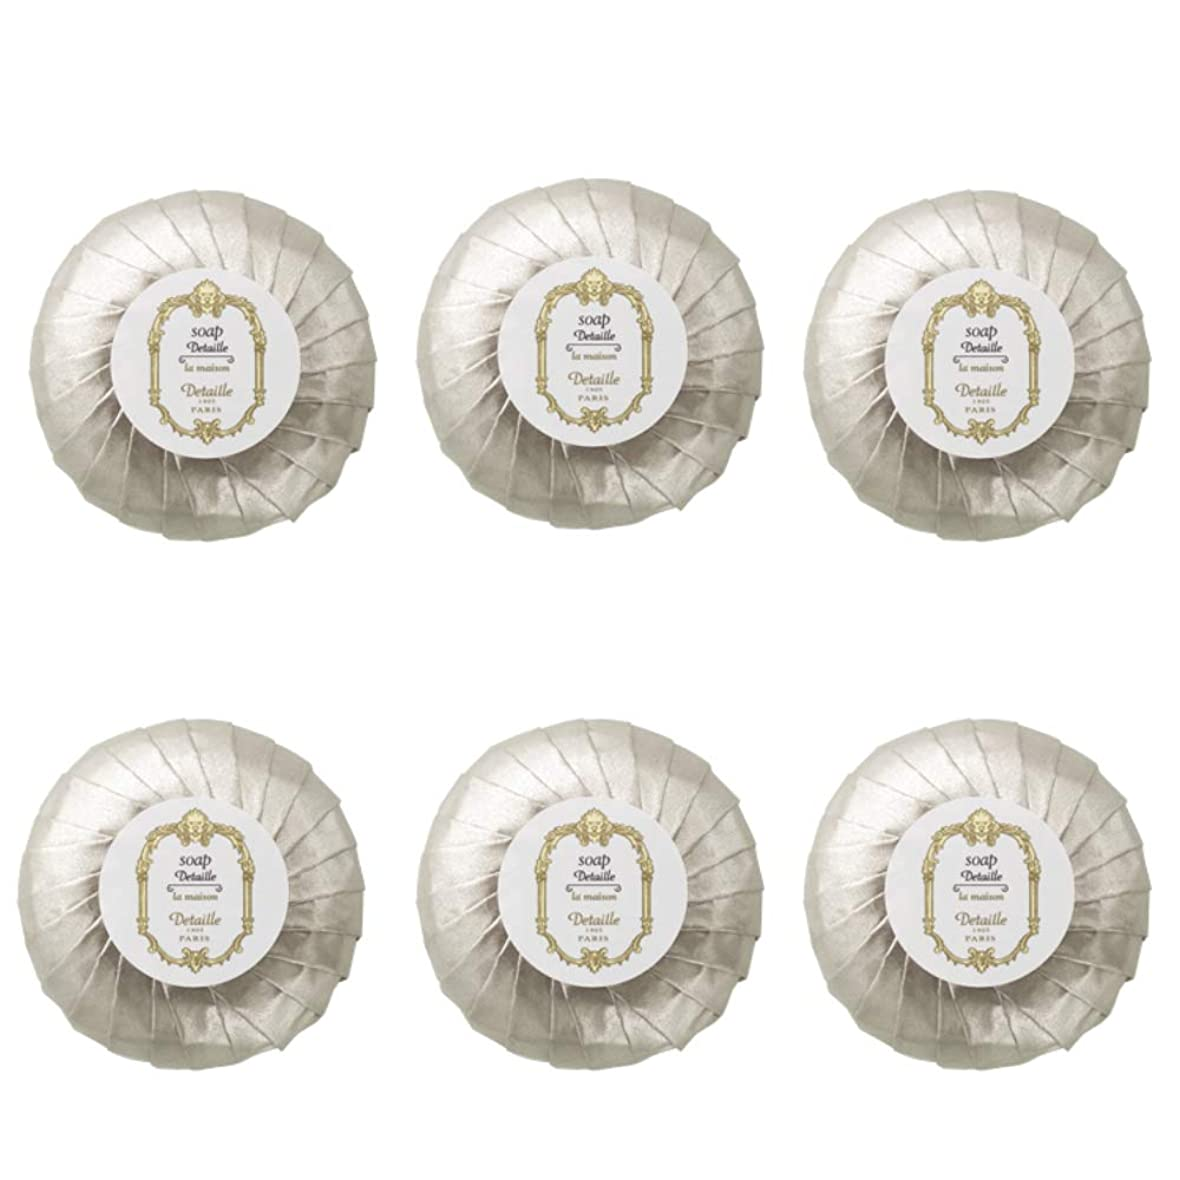 冷蔵する比類のない特別なPOLA デタイユ ラ メゾン スキンソープ 固形石鹸 (プリーツ包装) 50g×6個